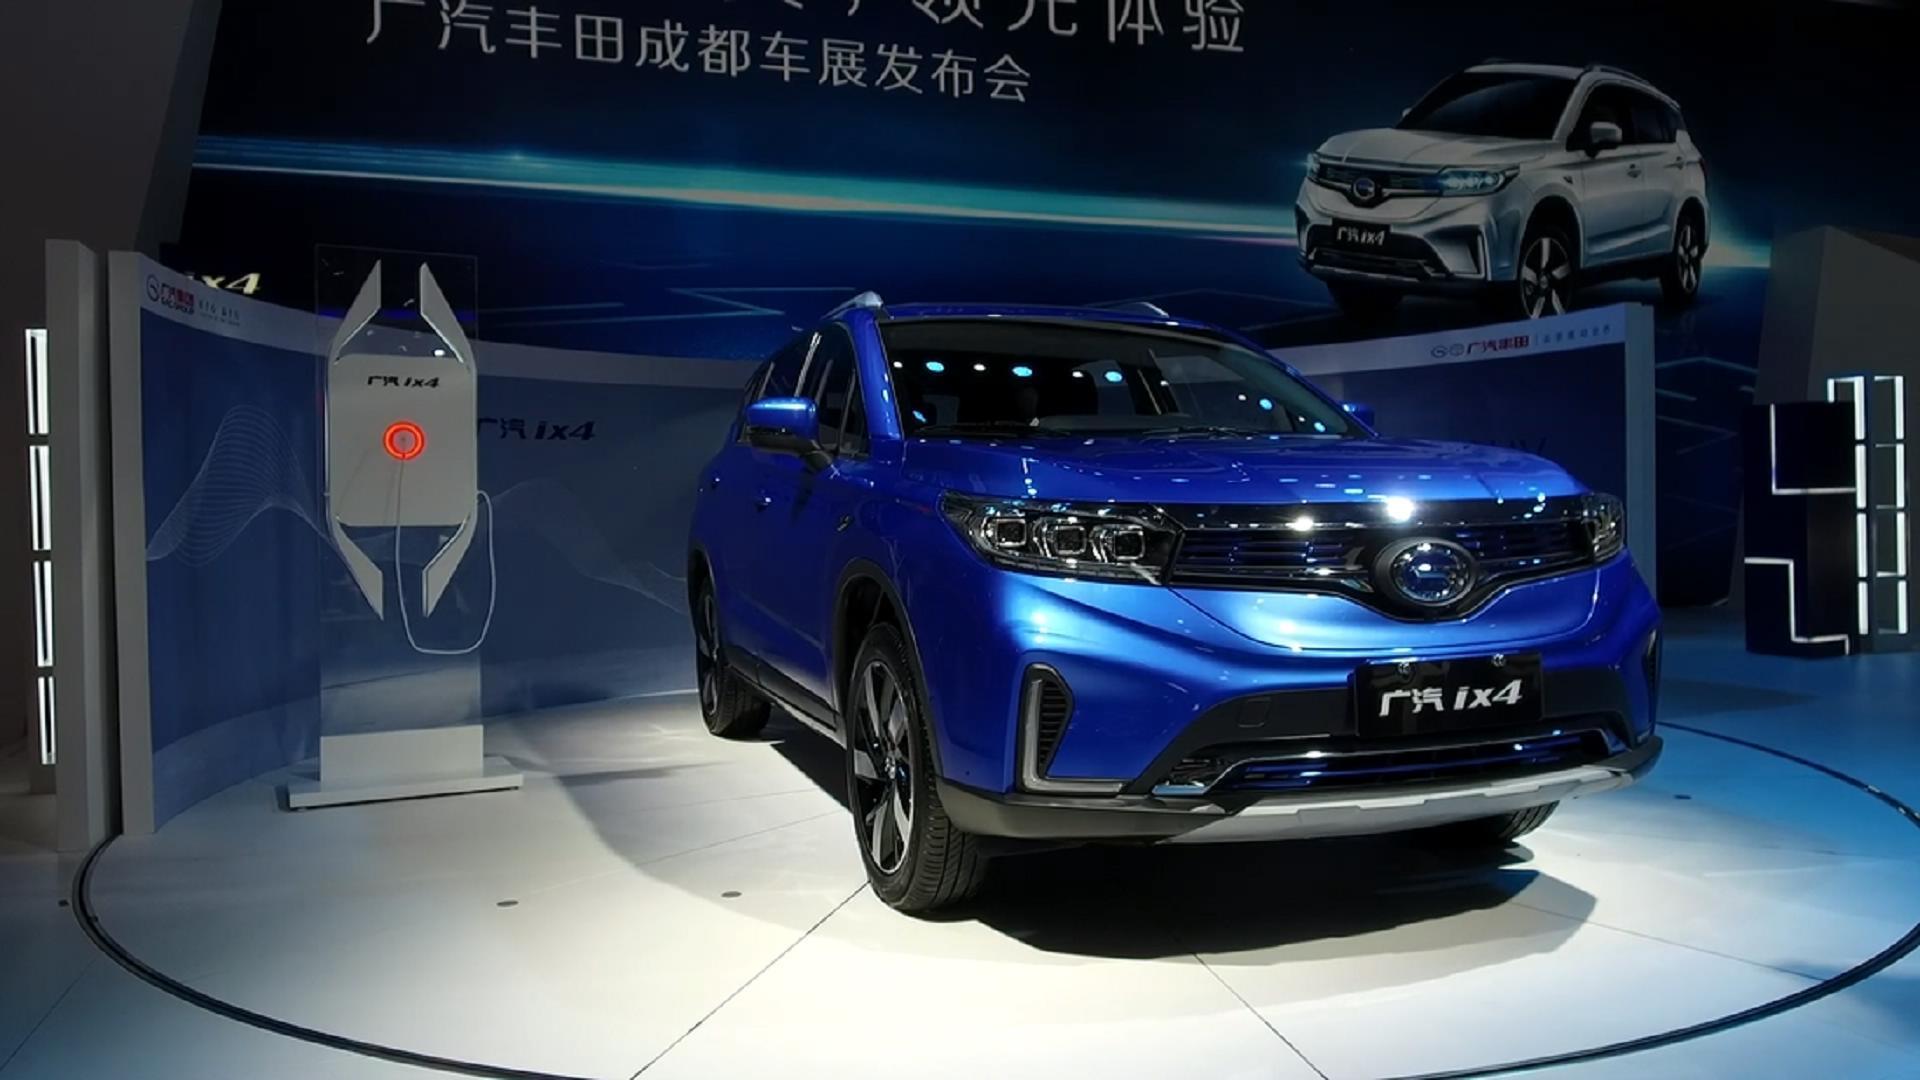 广汽丰田ix4玩转新能源积分政策的超高明手段